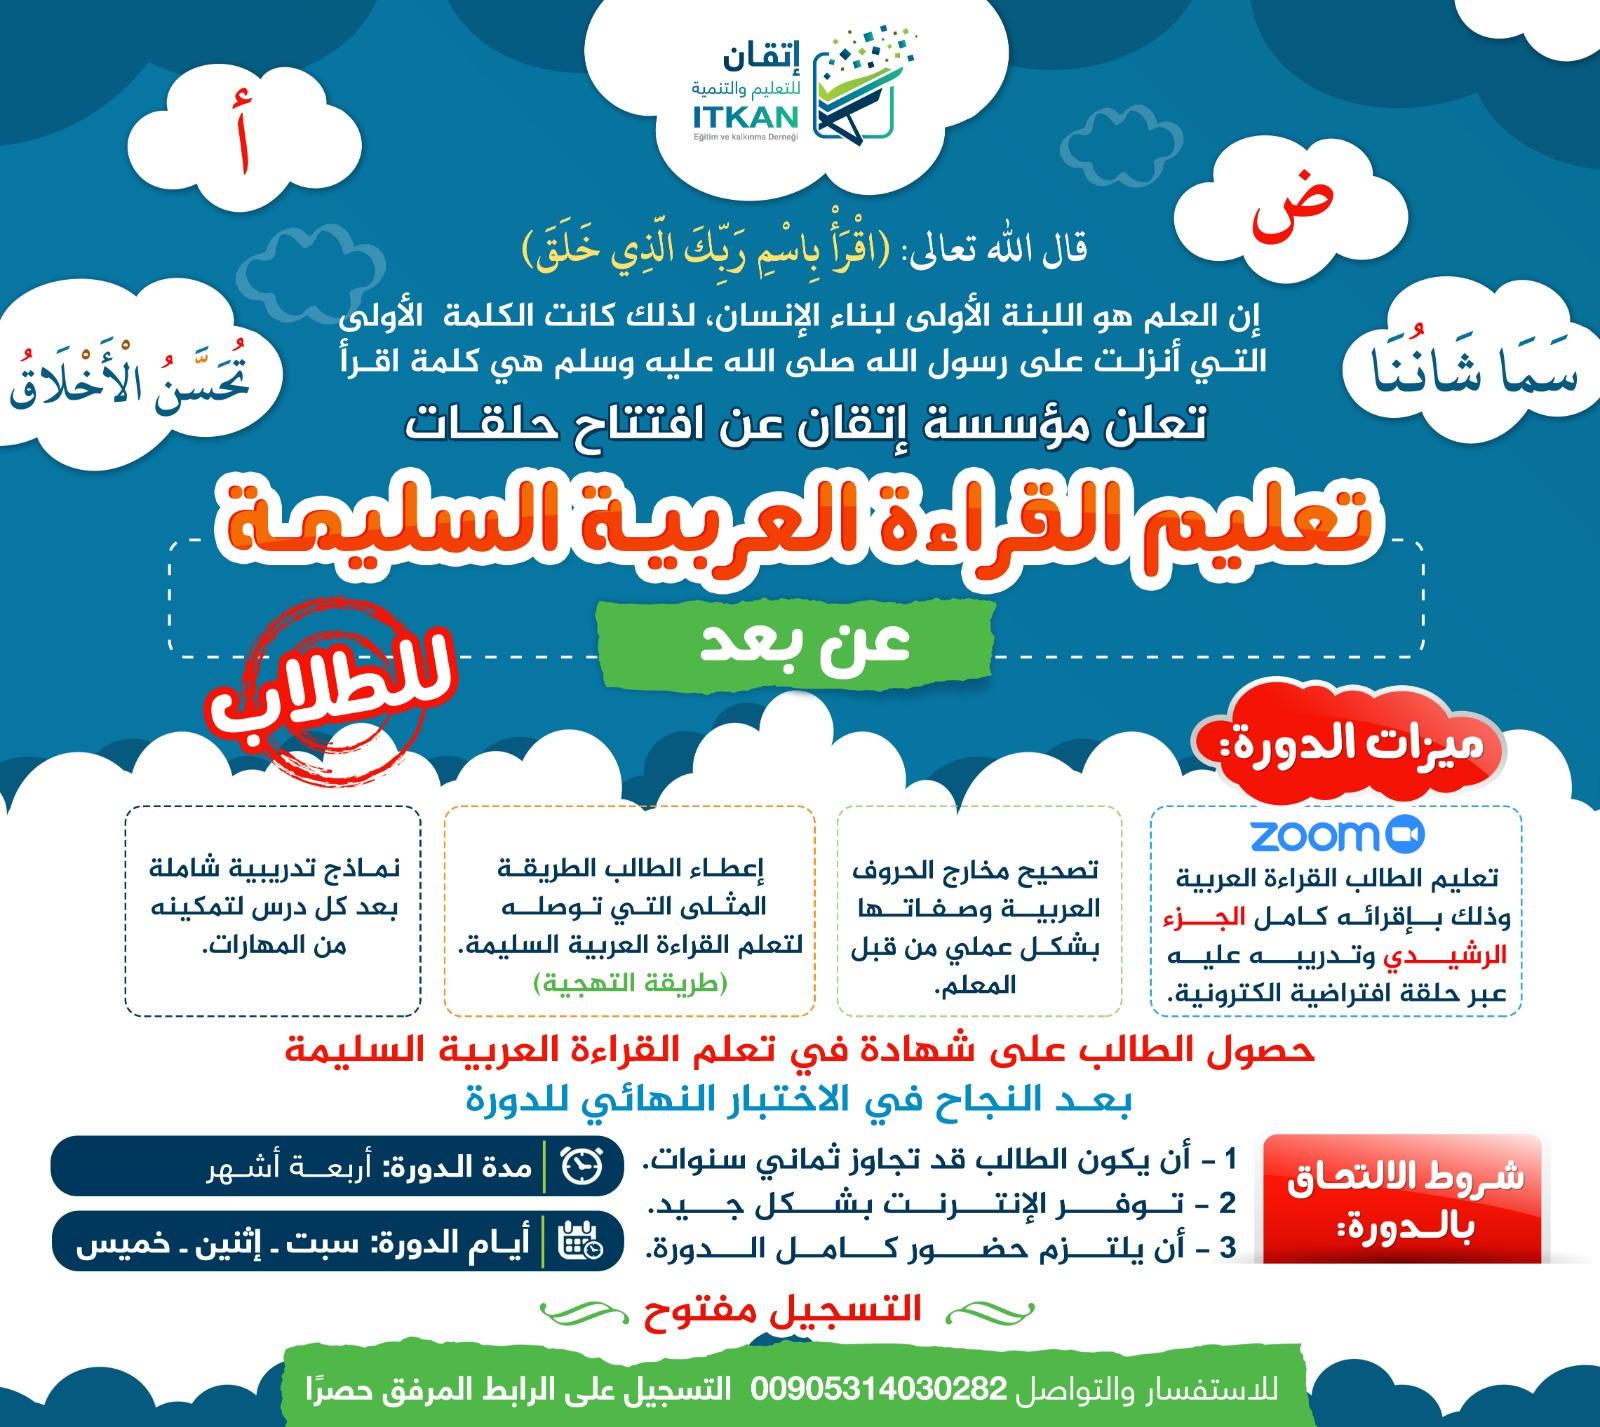 مشروع القراءة العربية السليمة - عن بعد